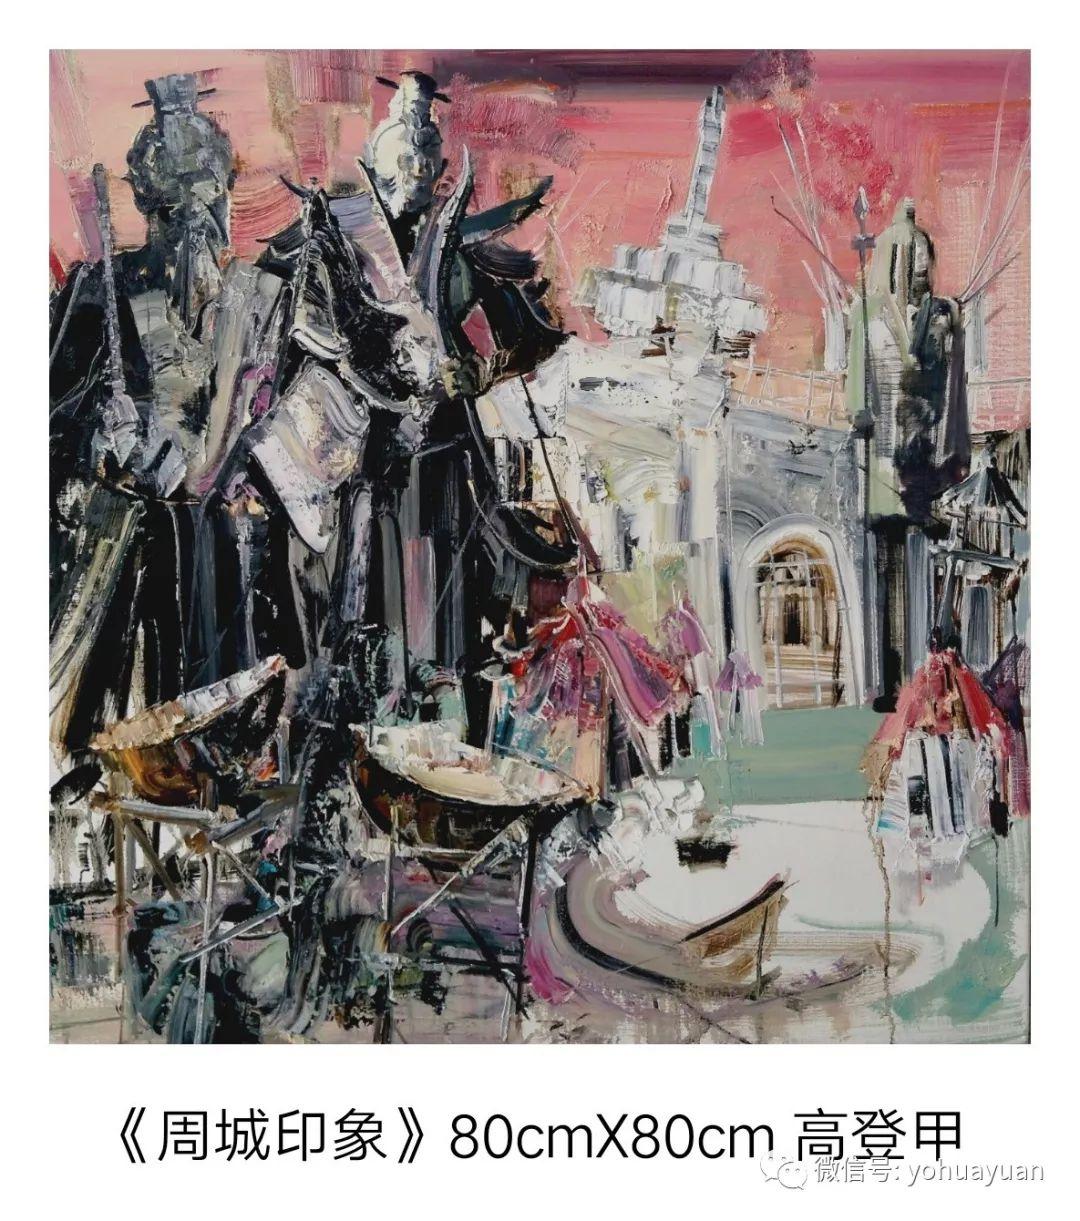 油画作品拍卖(内蒙古草原写生) 第51张 油画作品拍卖(内蒙古草原写生) 蒙古画廊